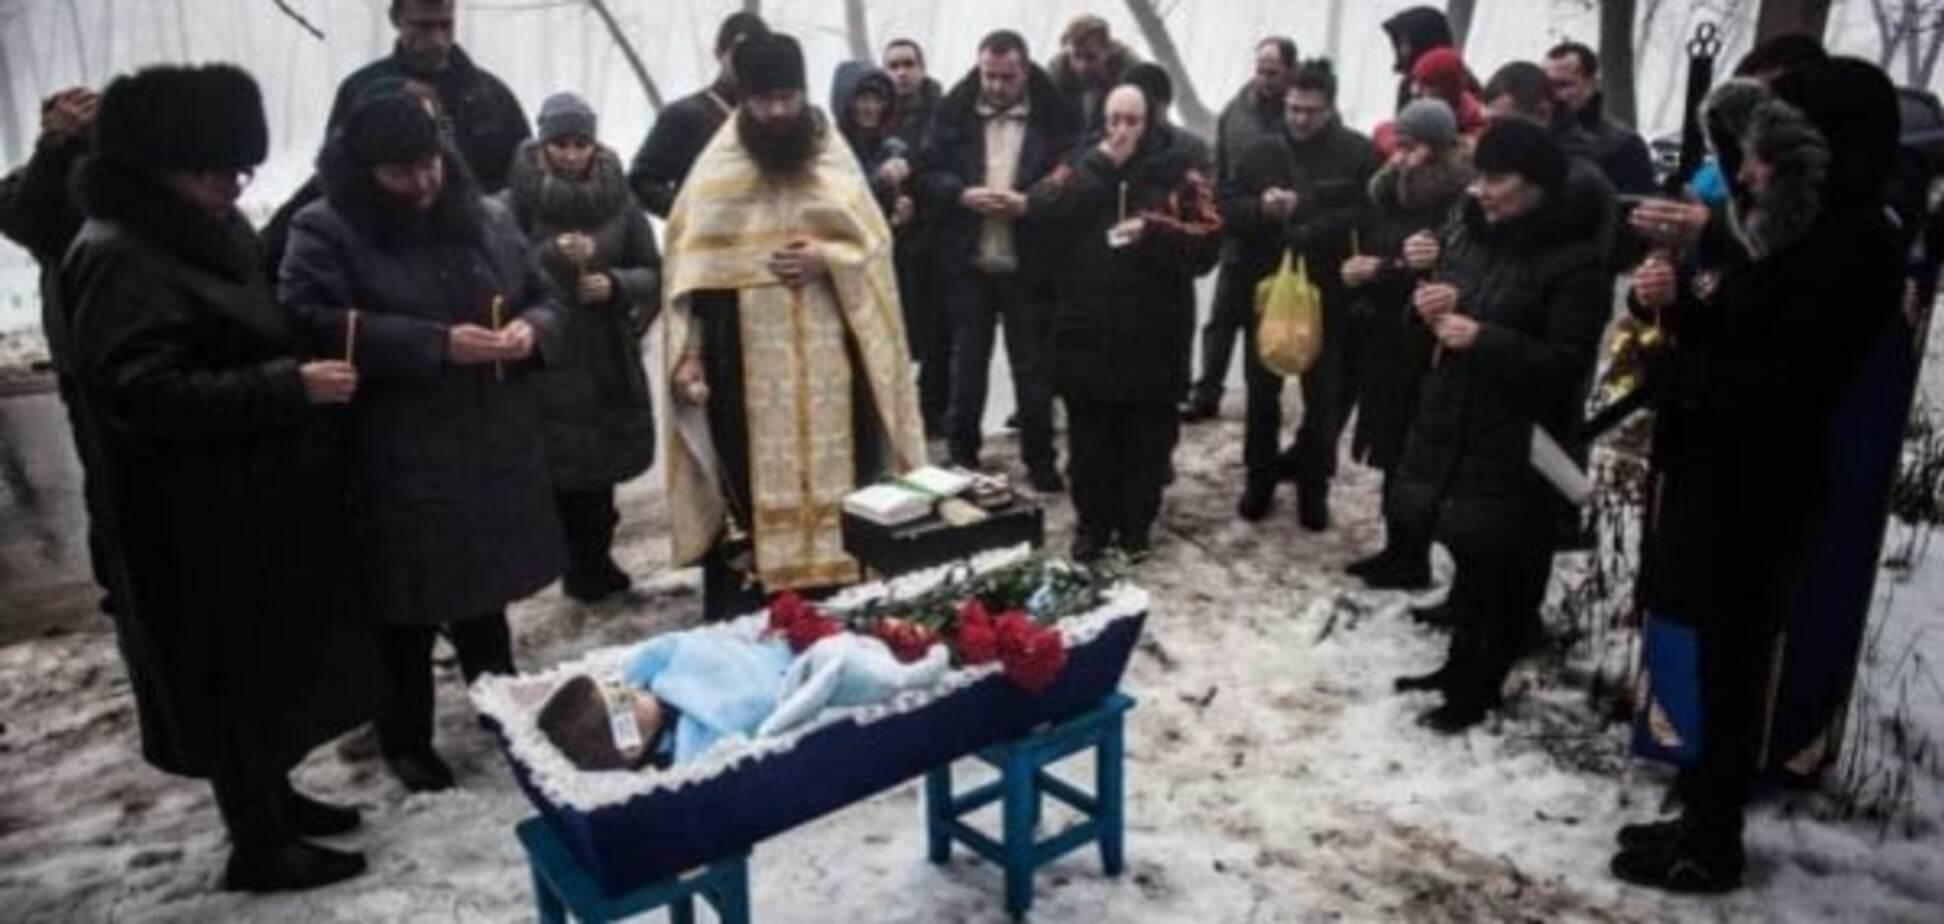 Моторошні кадри війни на Донбасі ввійшли в ТОП-100 кращих фото світу за рік